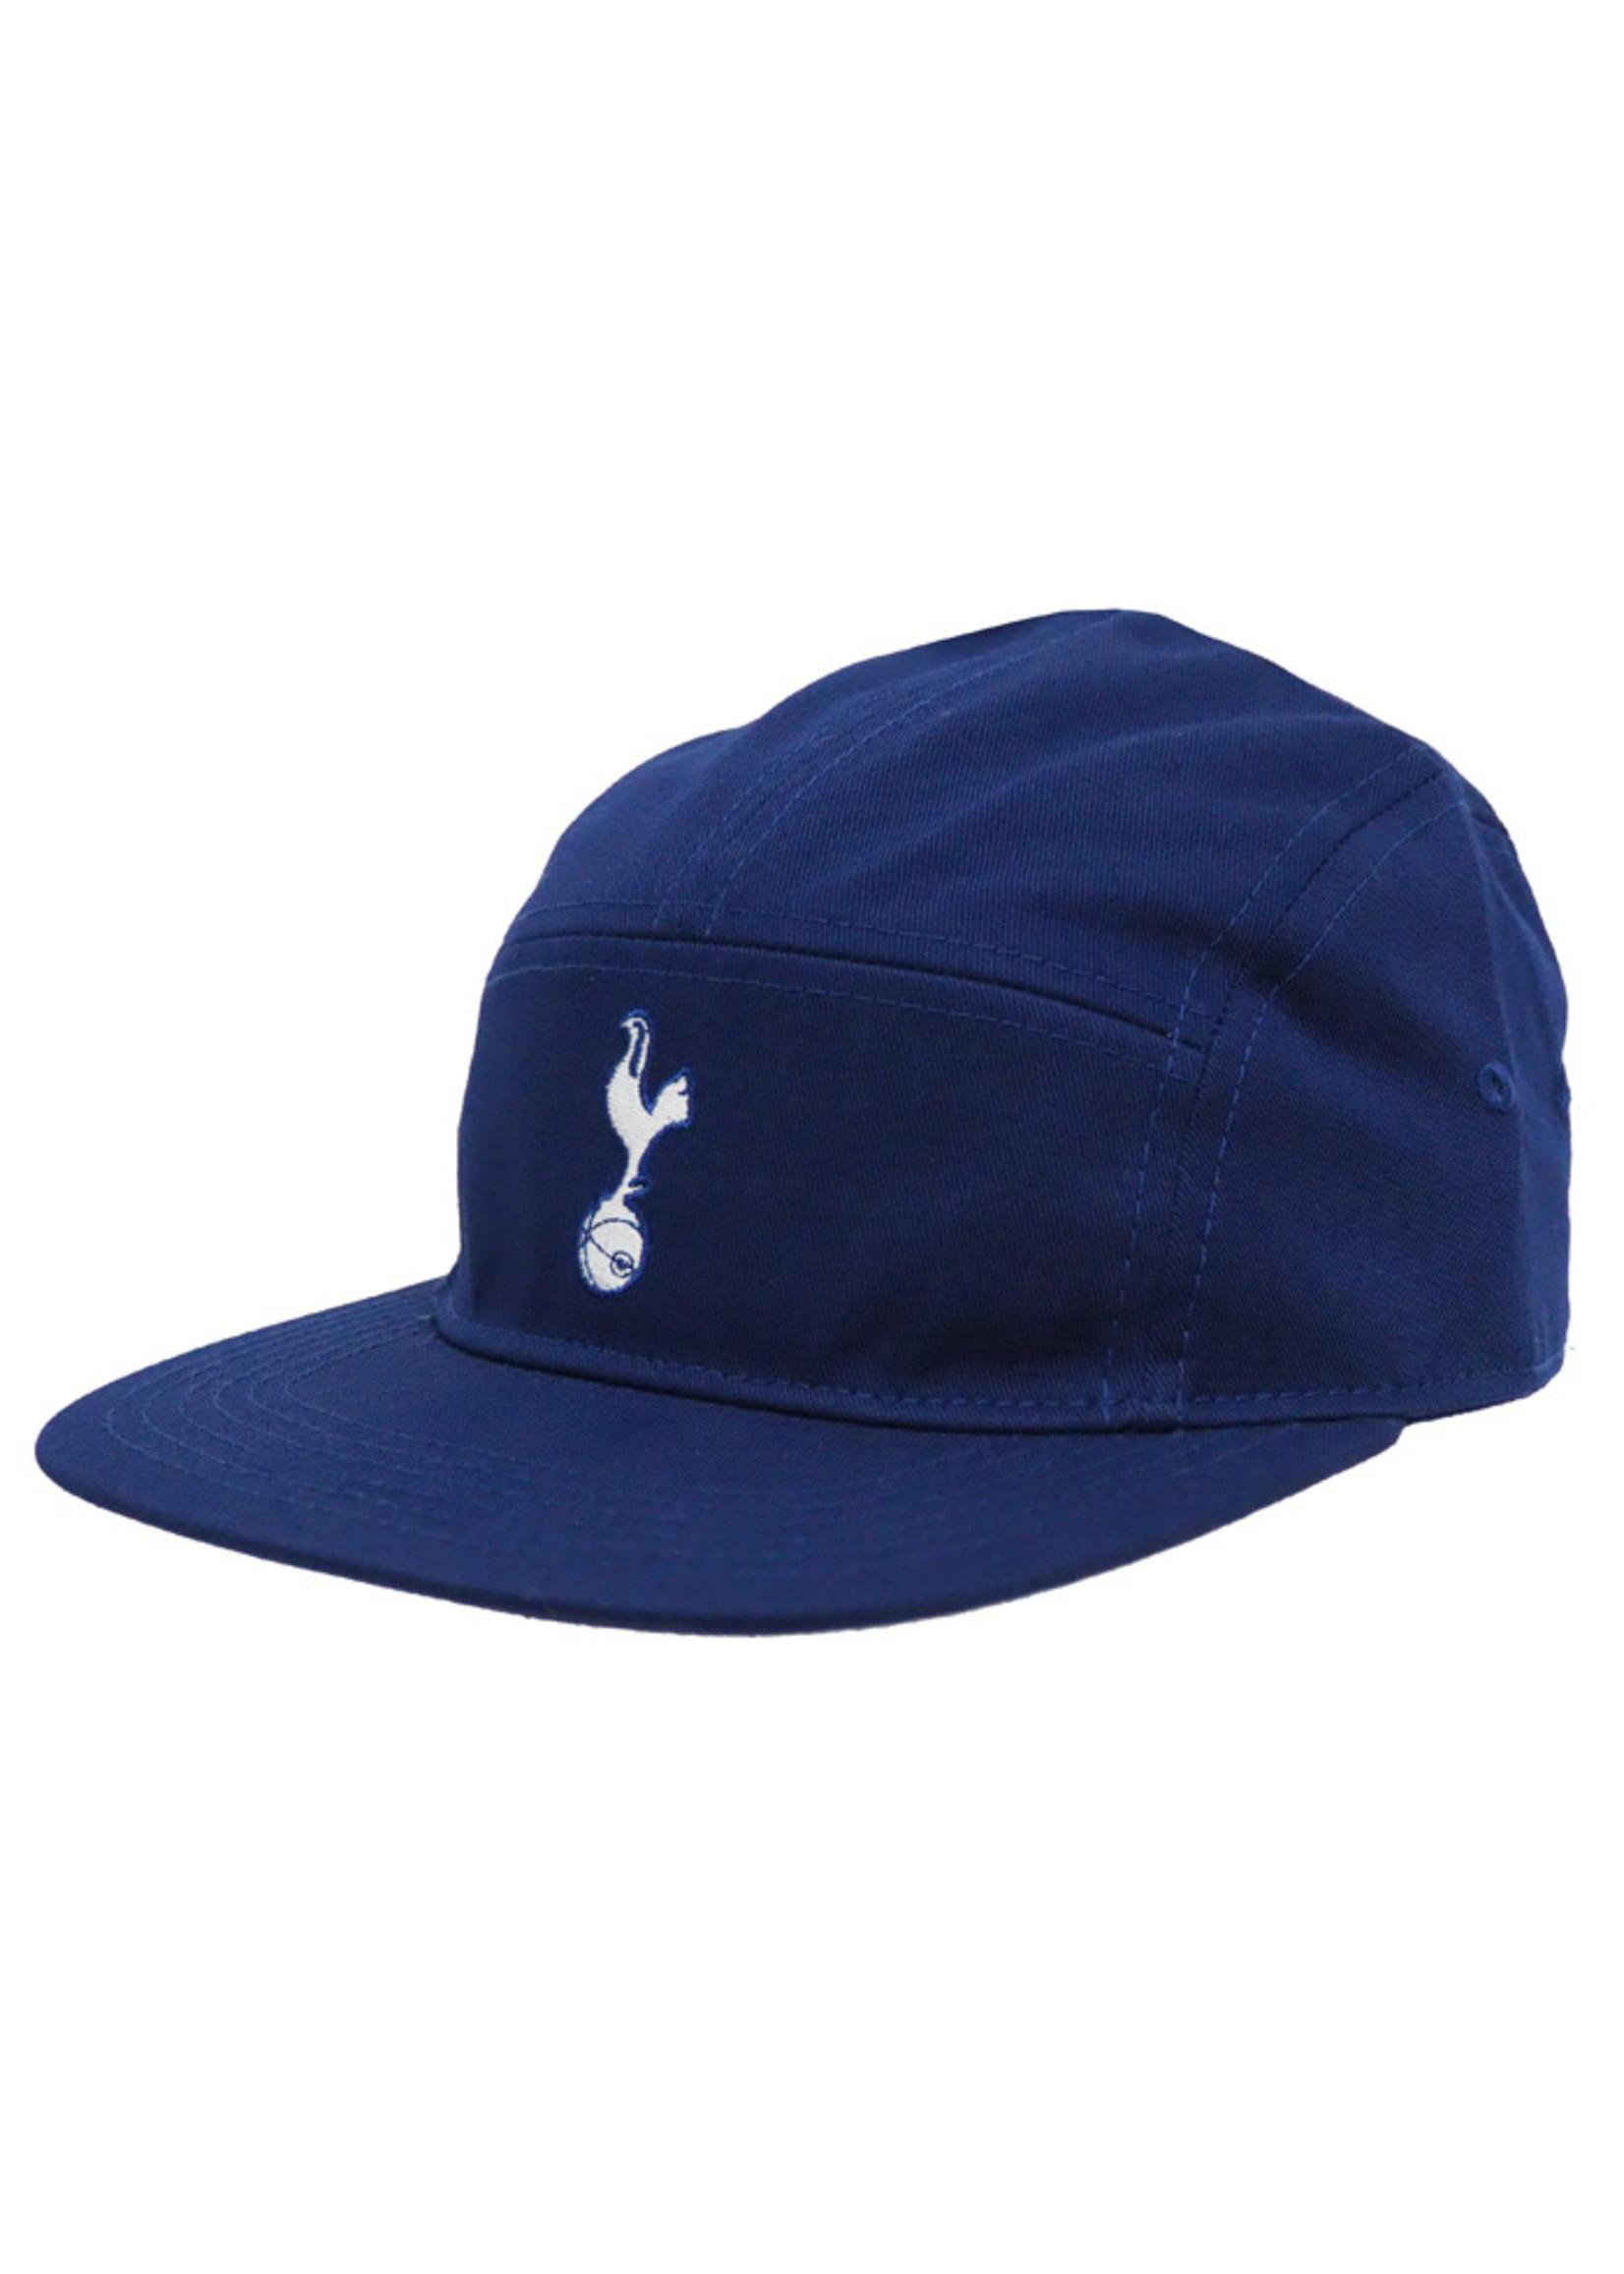 Nike Tottenham Cap - Navy